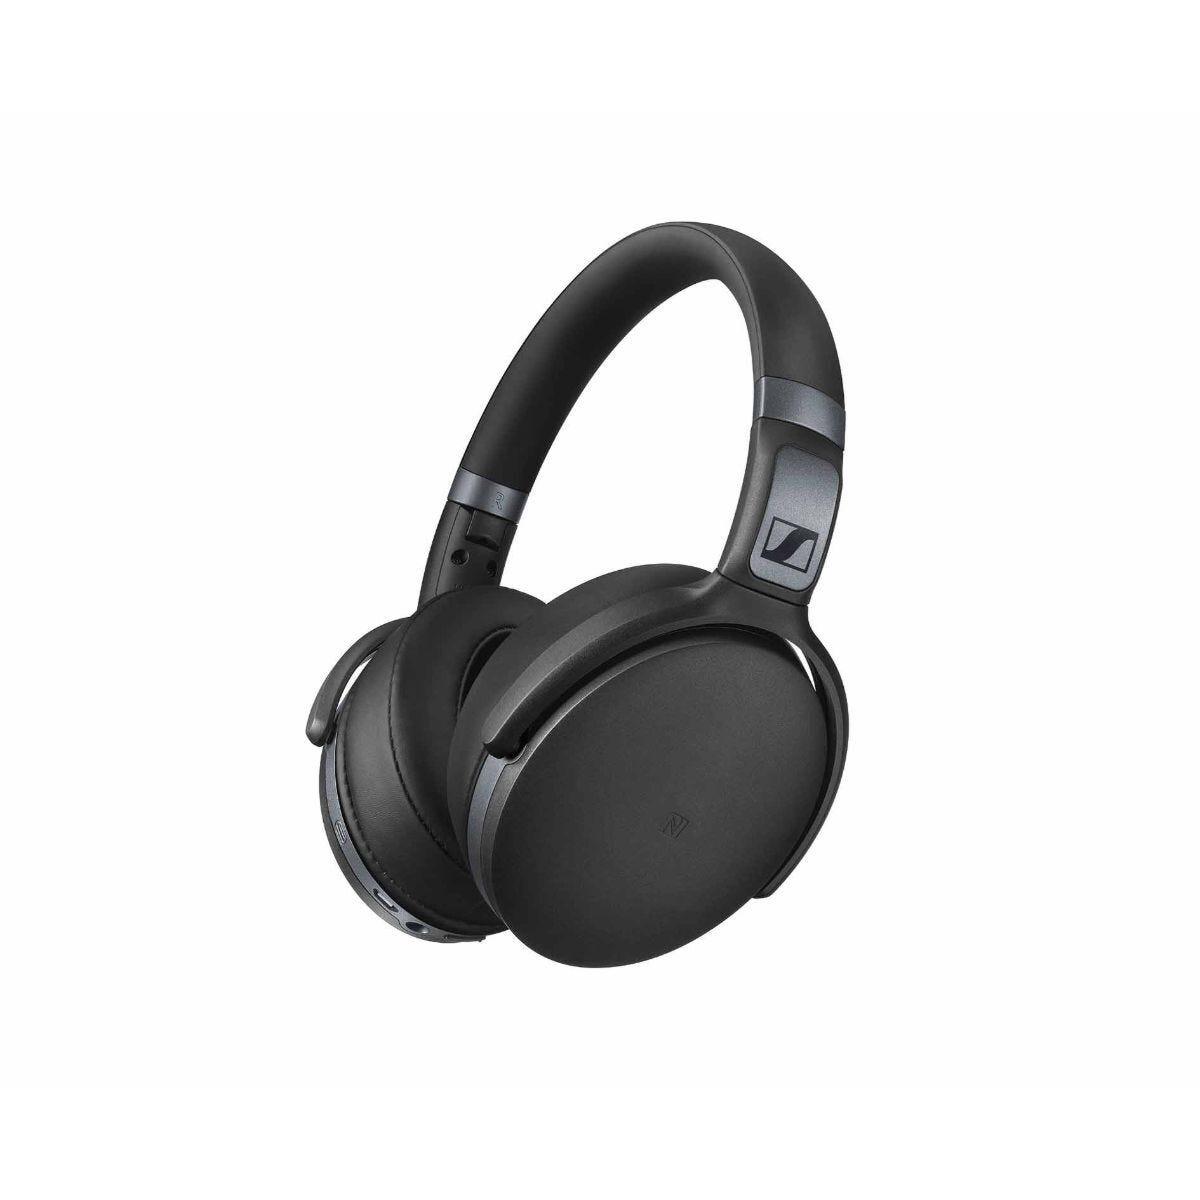 Sennheiser HD 4.40 BT Over-Ear Wireless Headphones